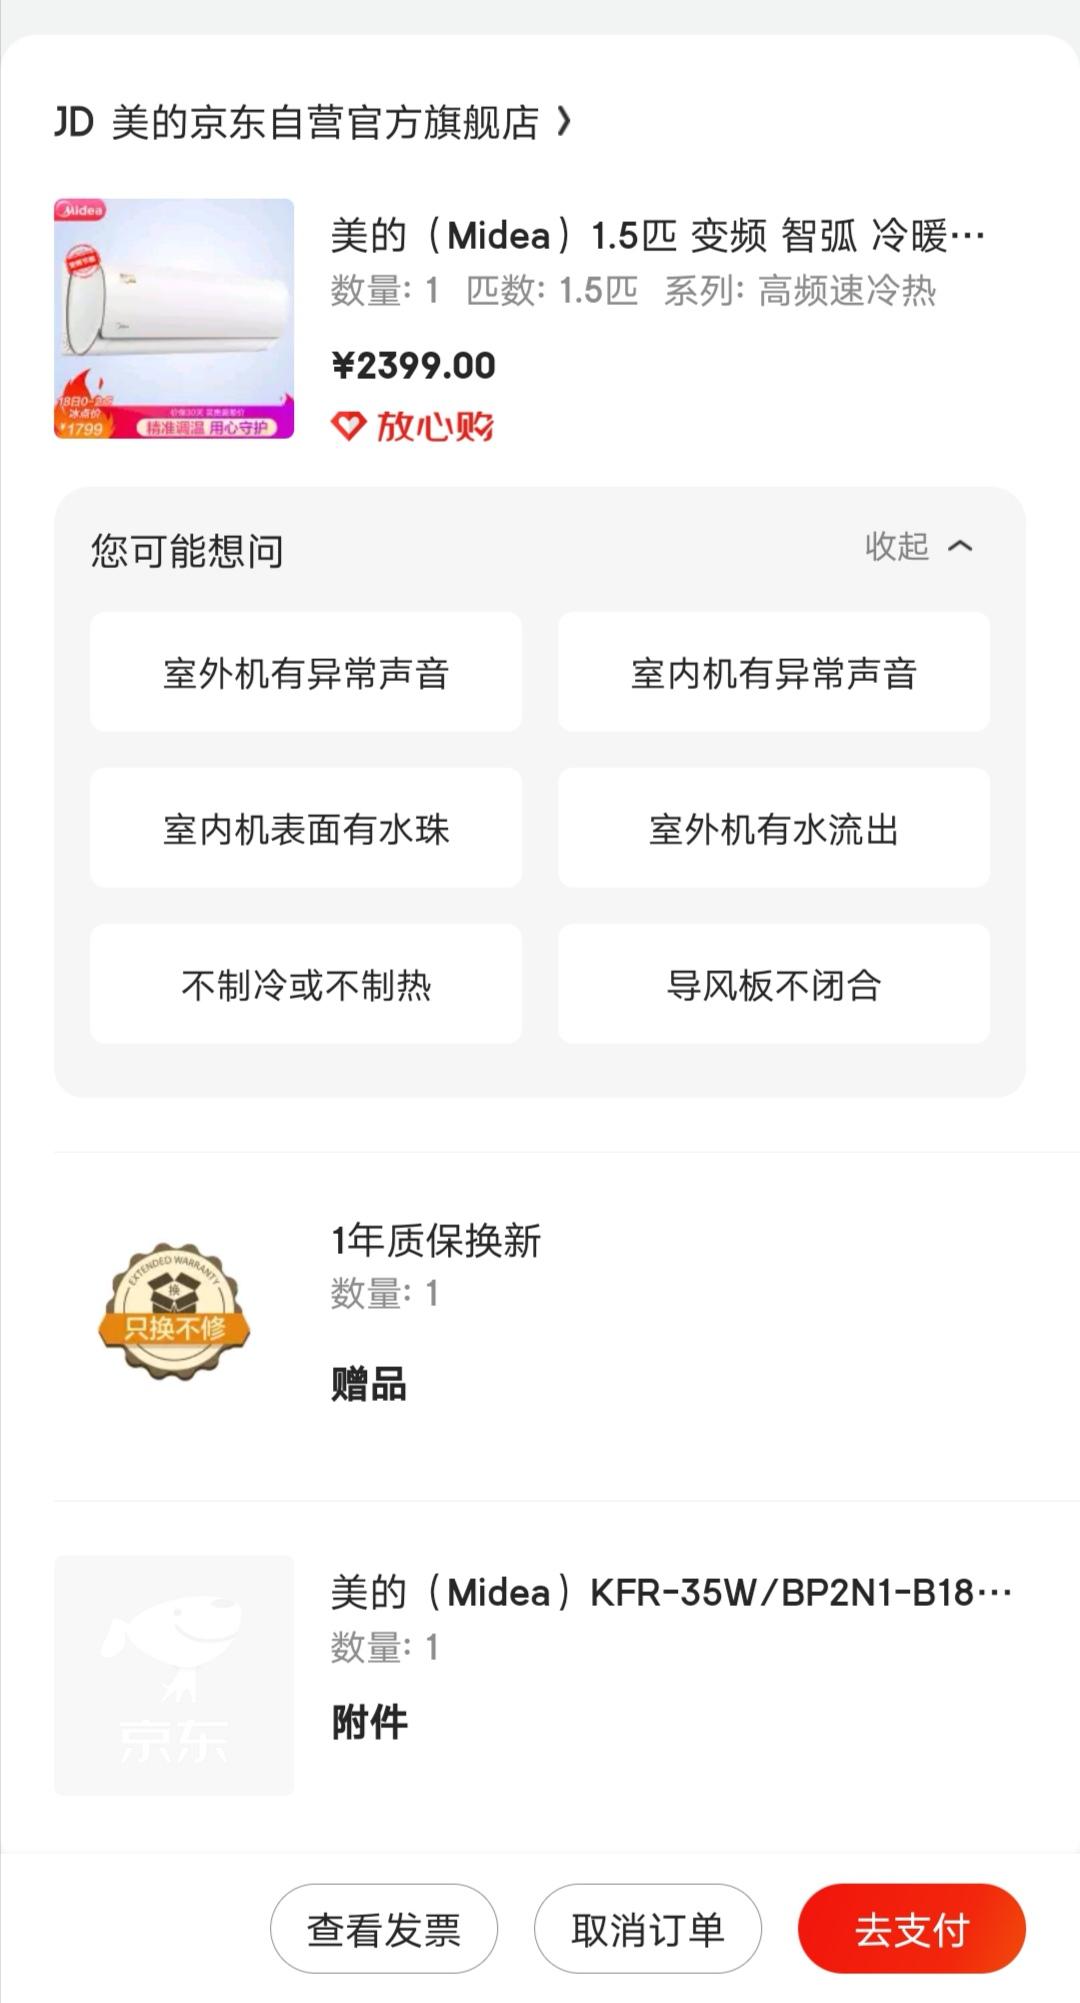 京东价格保护怎么申请(京东价格保护是什么意思)插图(2)